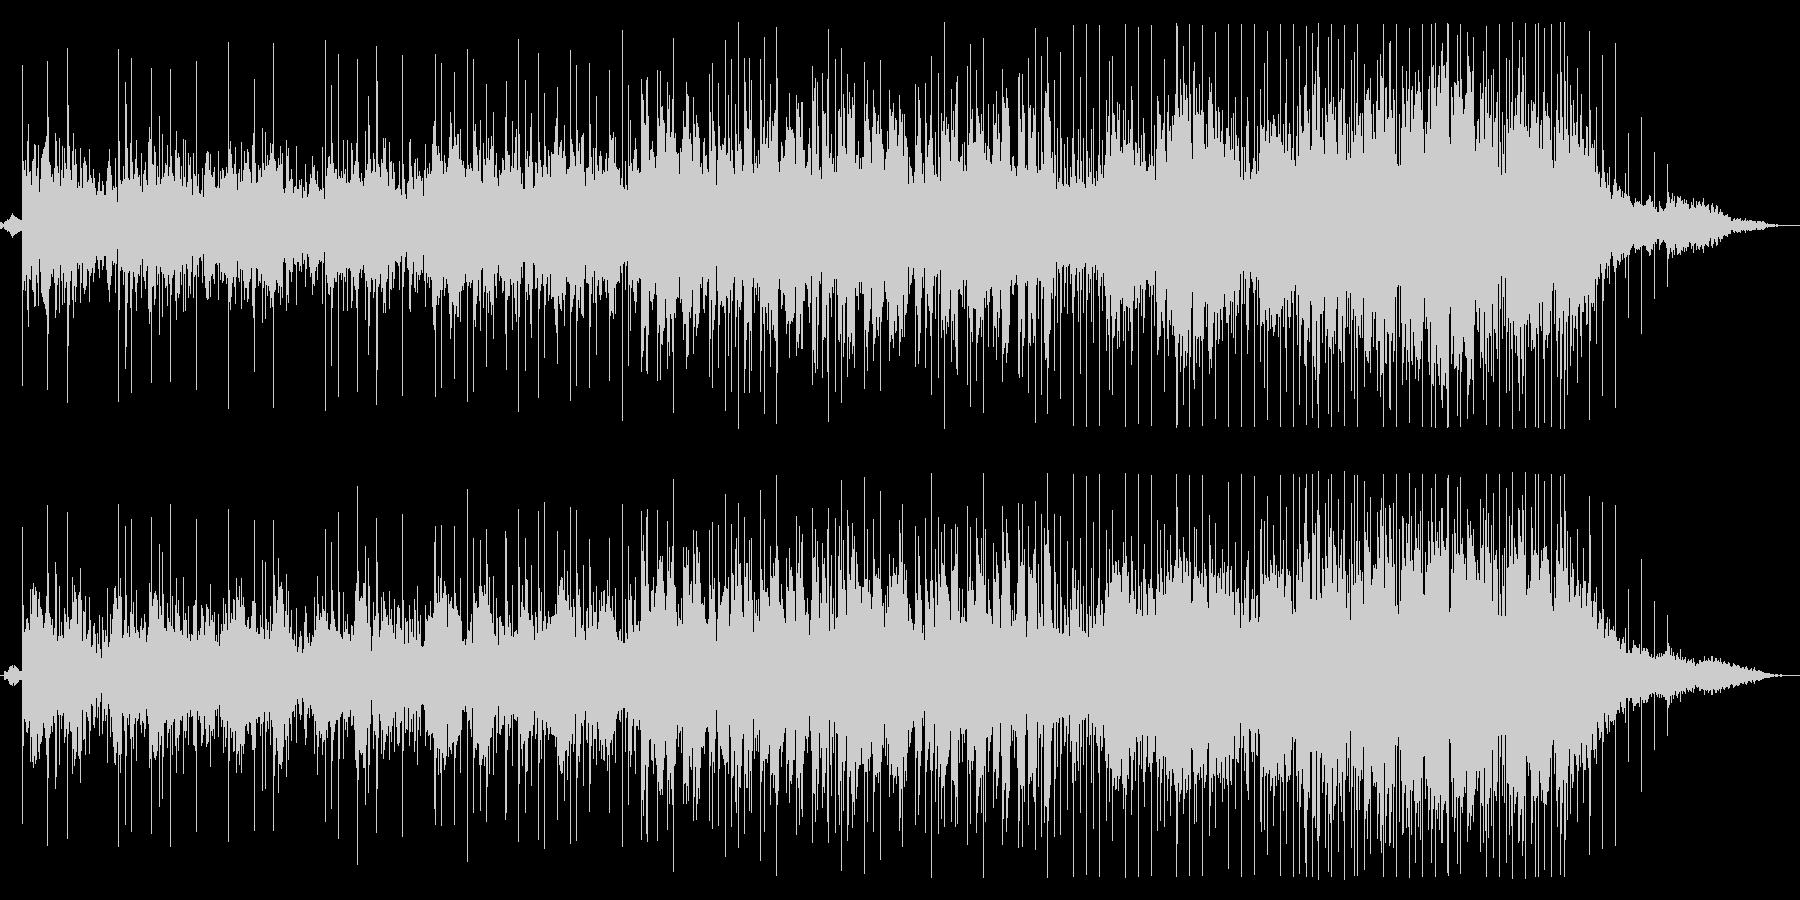 アコースティックチルアウト音楽の未再生の波形